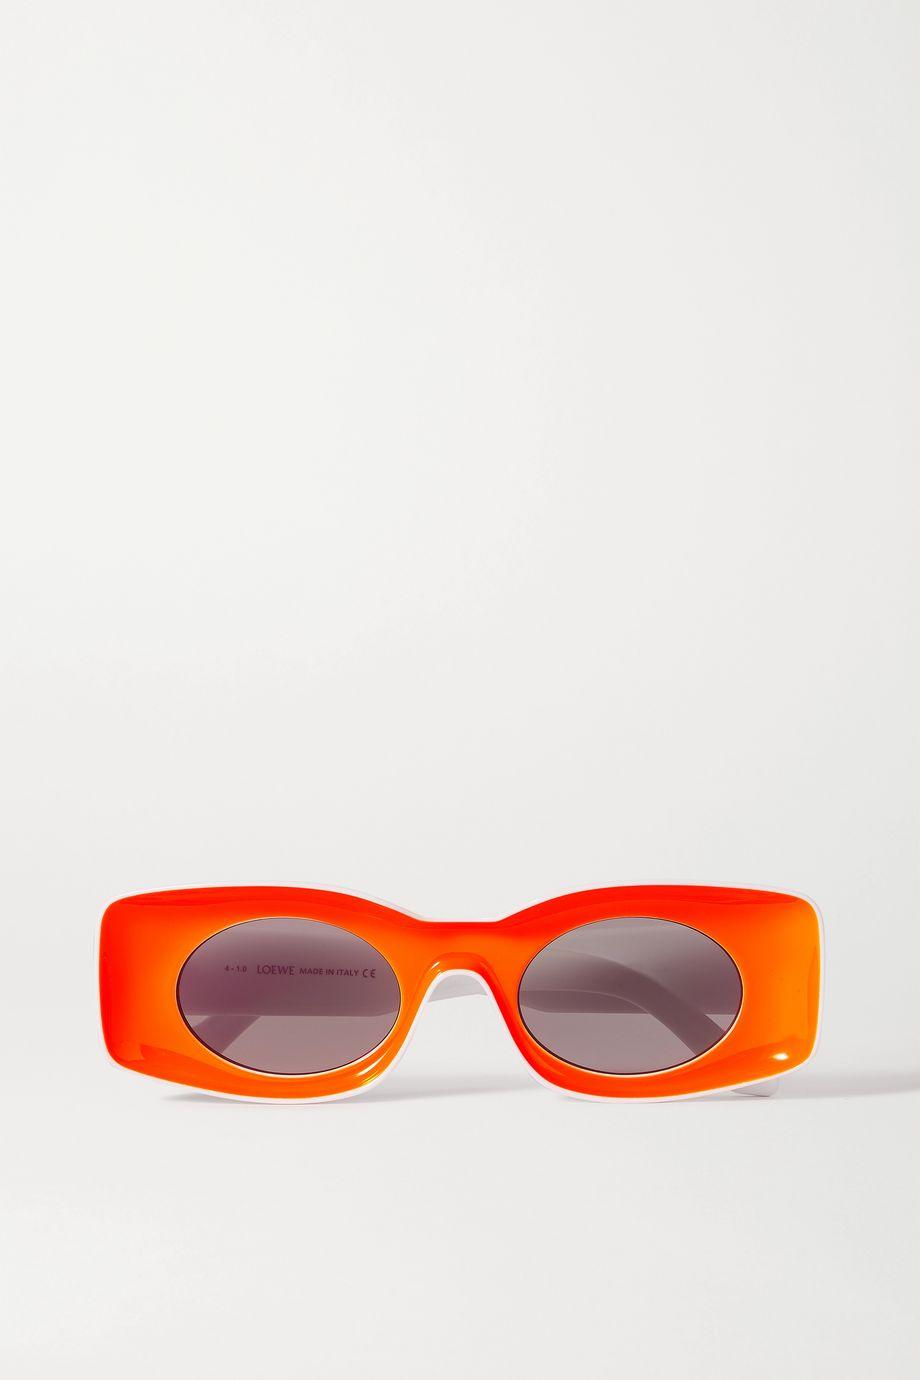 Loewe Lunettes de soleil carrées en acétate fluo x Paula's Ibiza